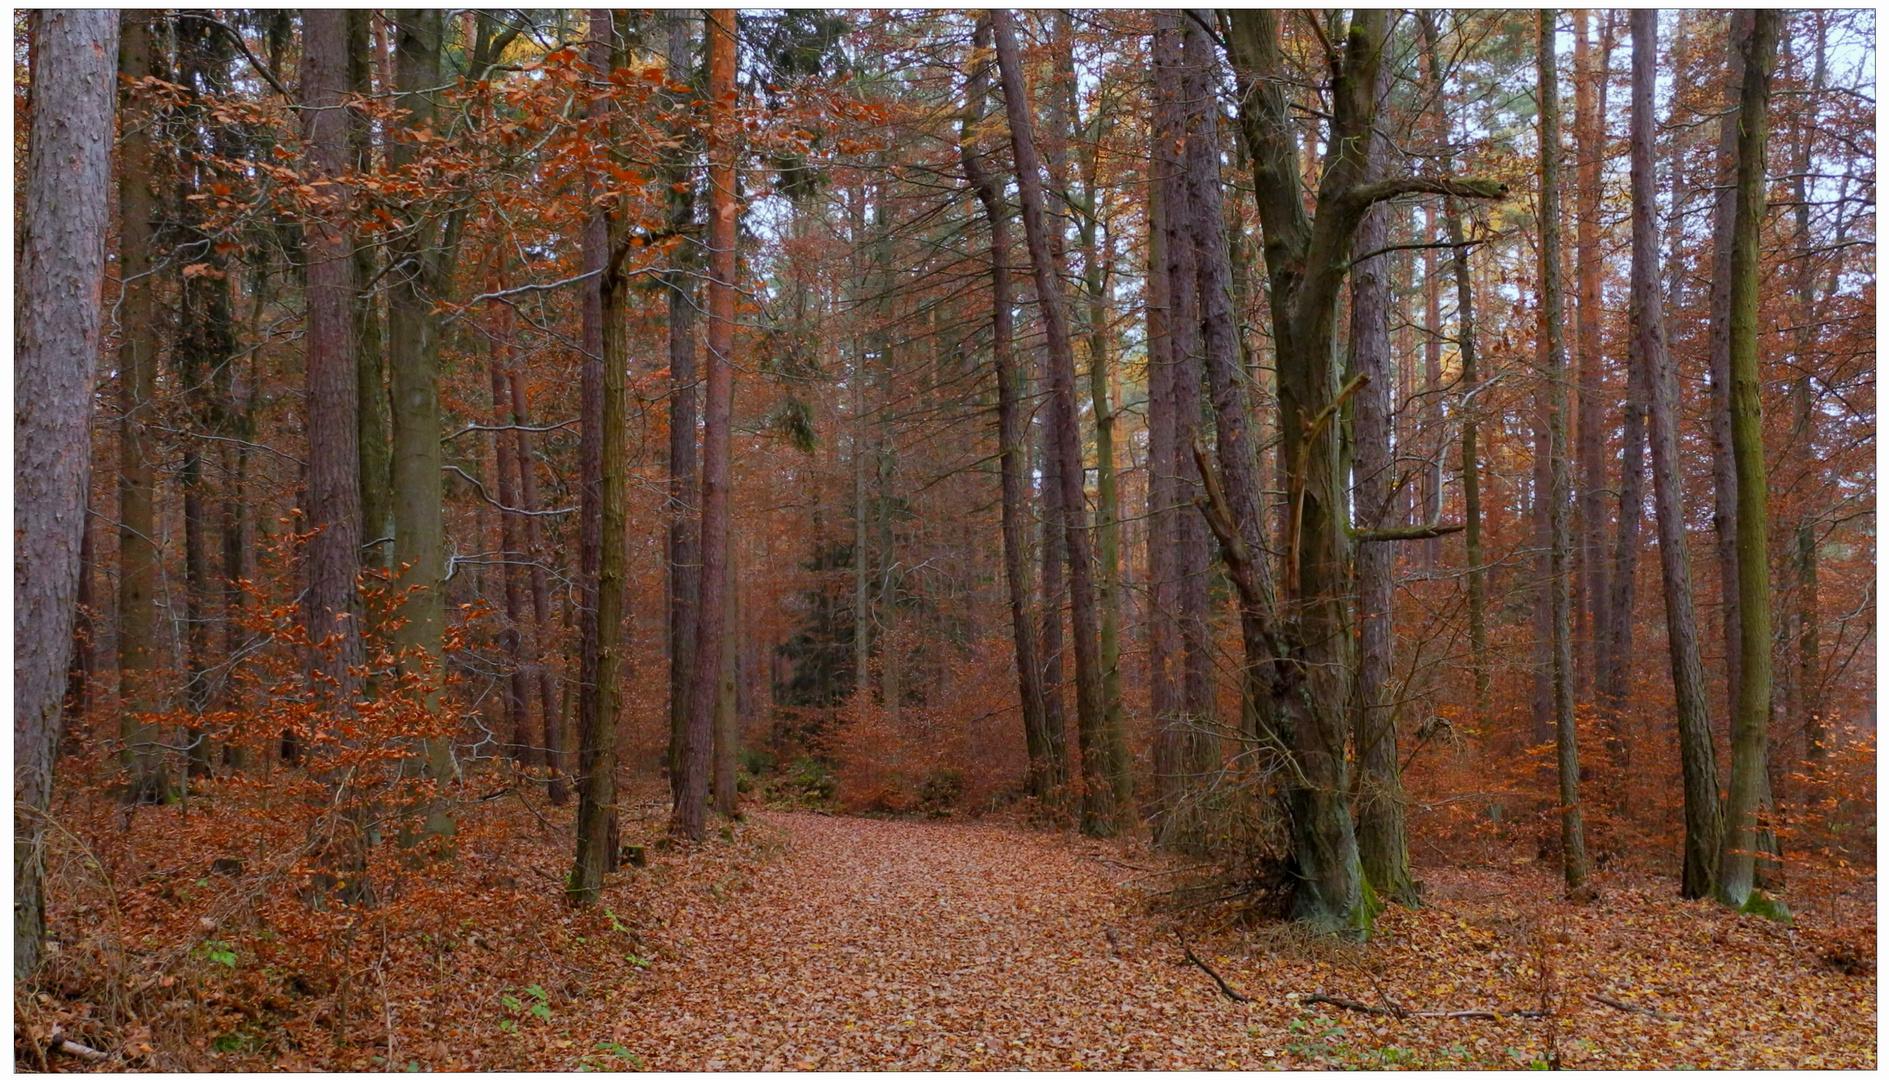 Los colores intensivos del noviembreIV